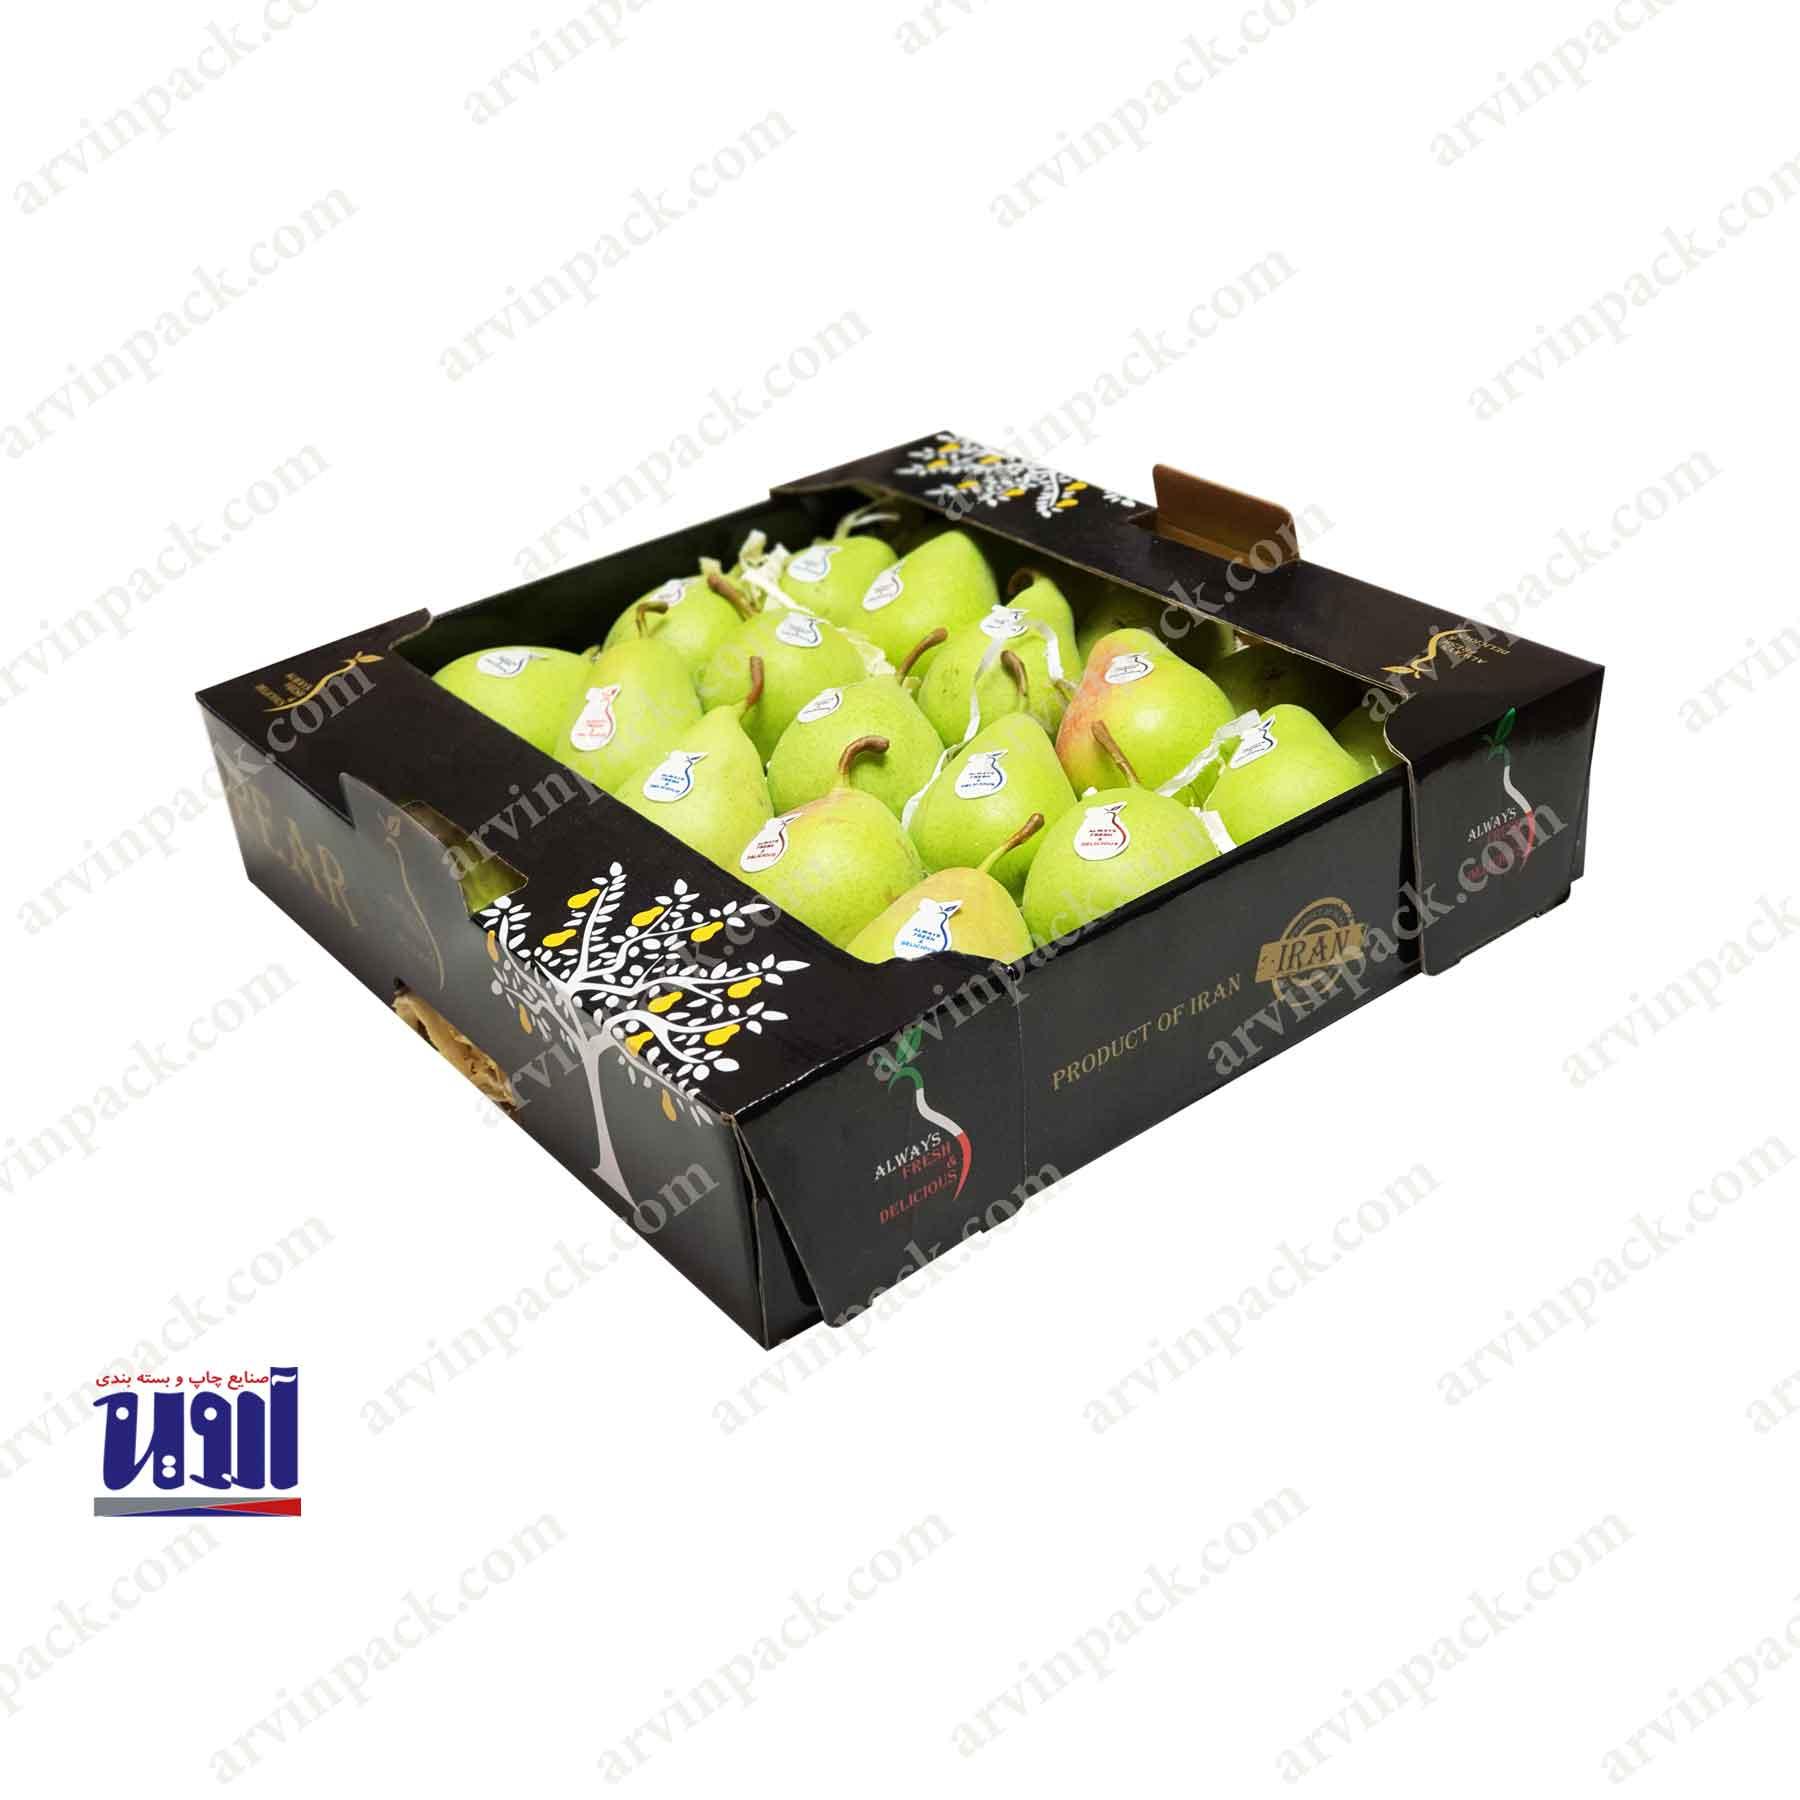 کارتن میوه صادراتی ، بسته بندی میوه صادراتی ، کارتن میوه